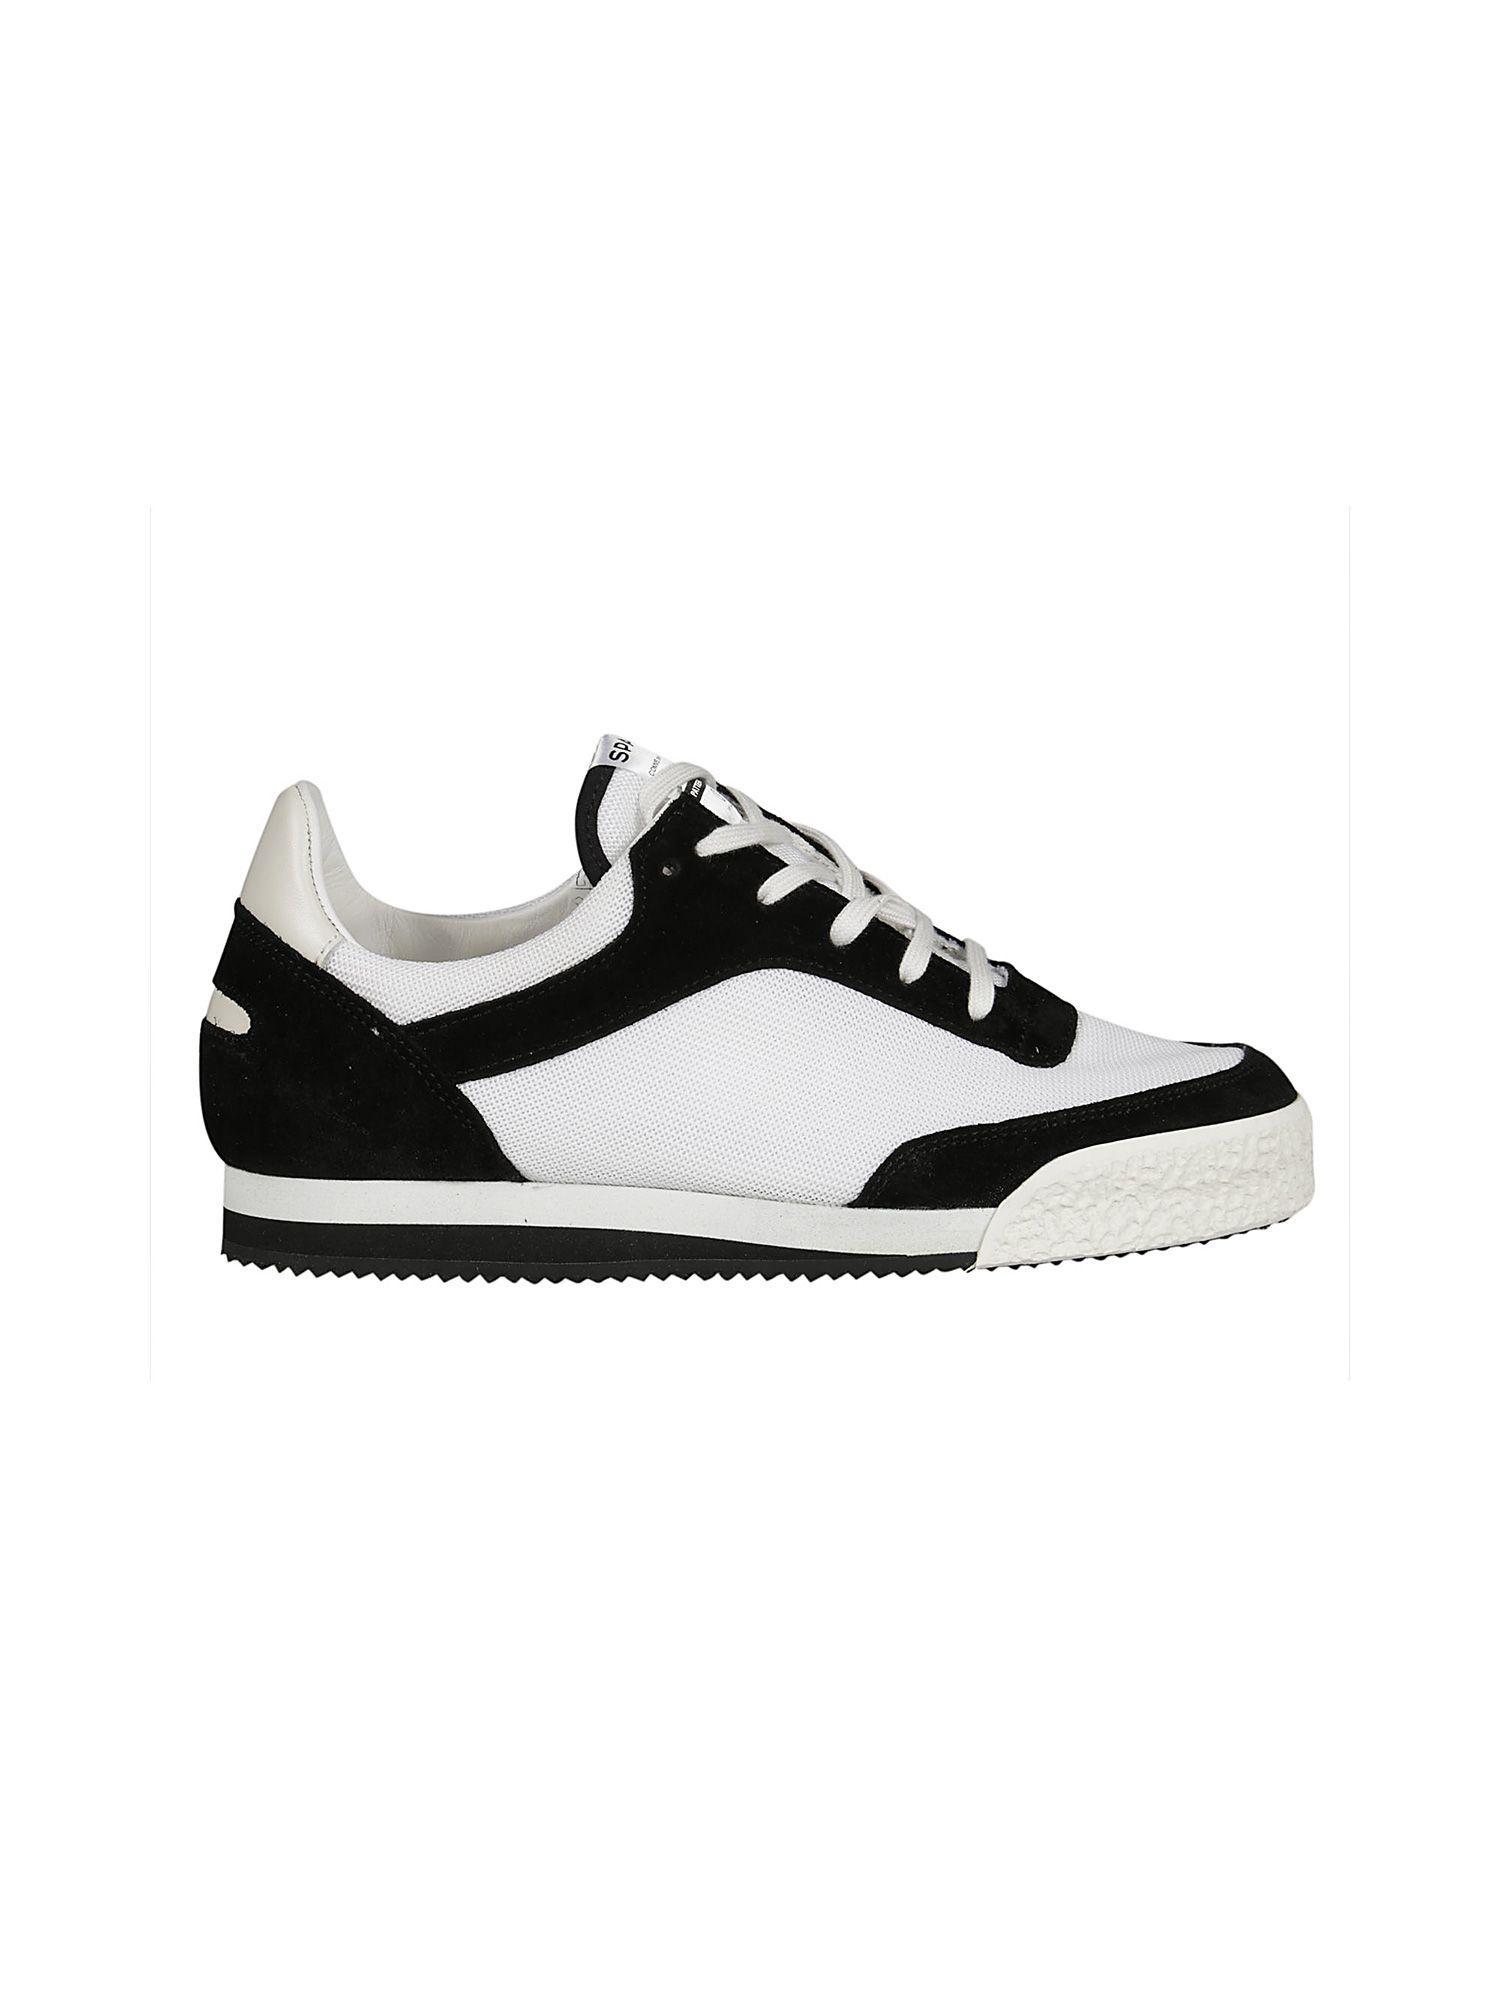 fef842376770 COMME DES GARÇONS SPALWART SNEAKERS.  commedesgarçons  shoes ...